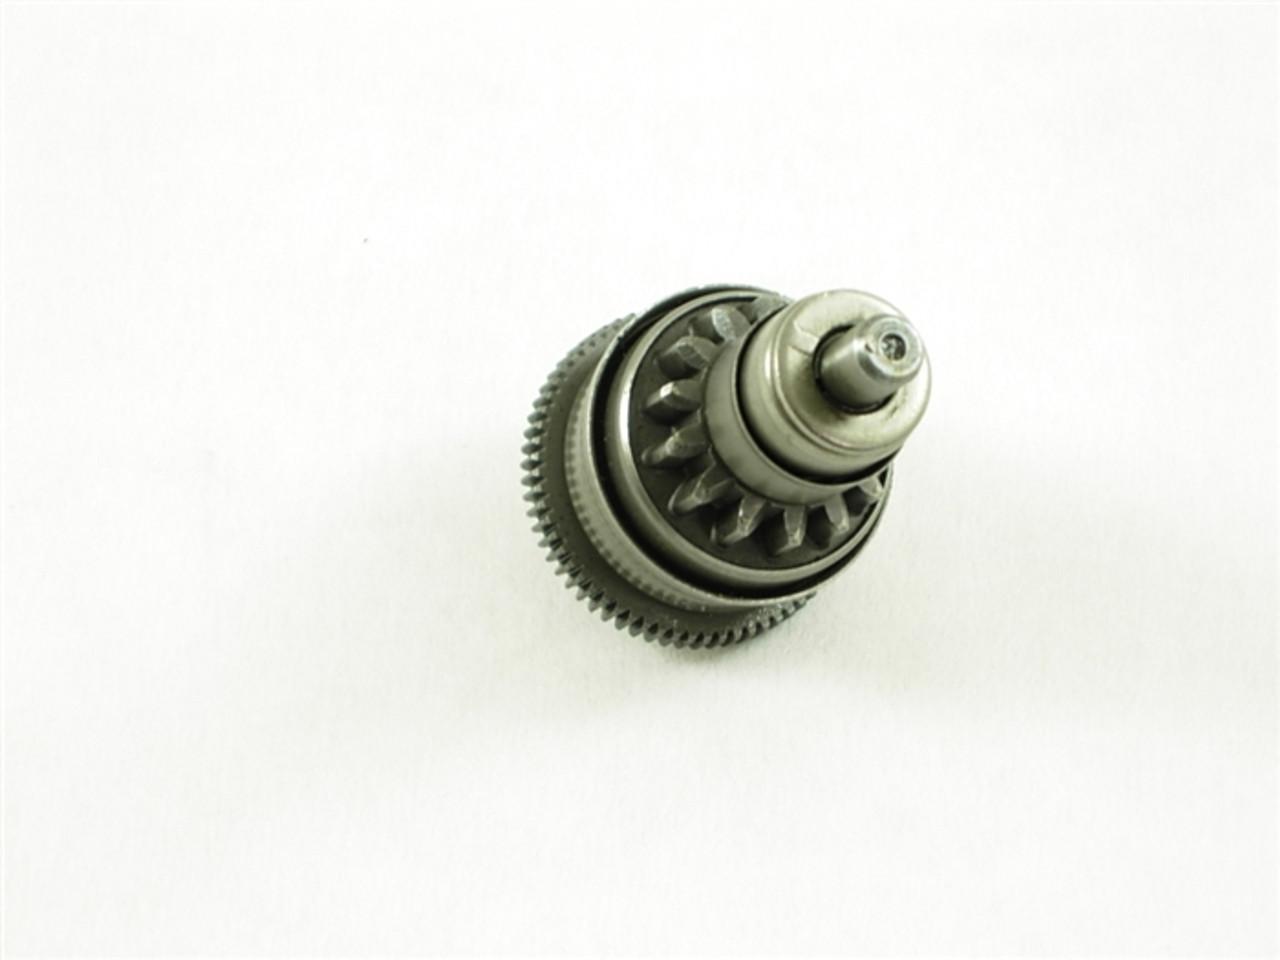 starter gear assembly/bendix gear 10218-a13-2